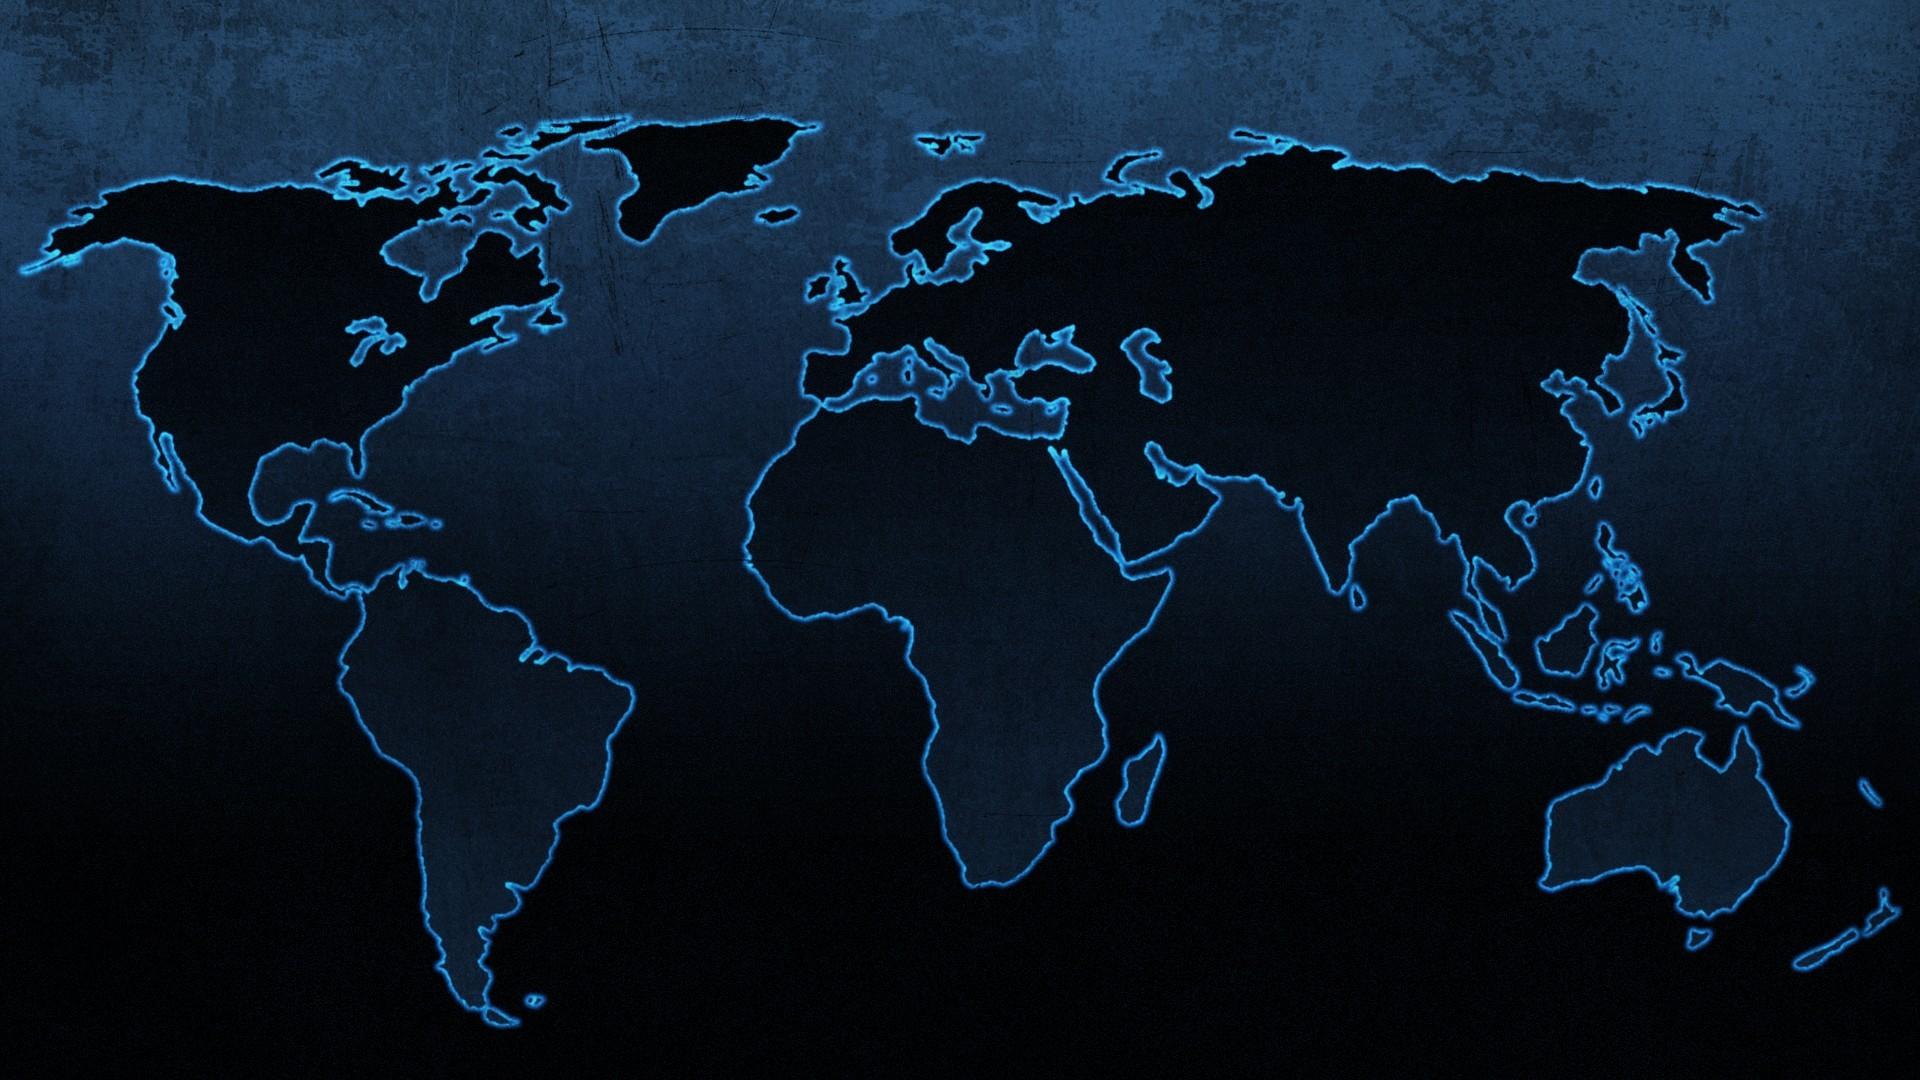 world map wallpaper atlas wall murals murals wallpaper 1920x